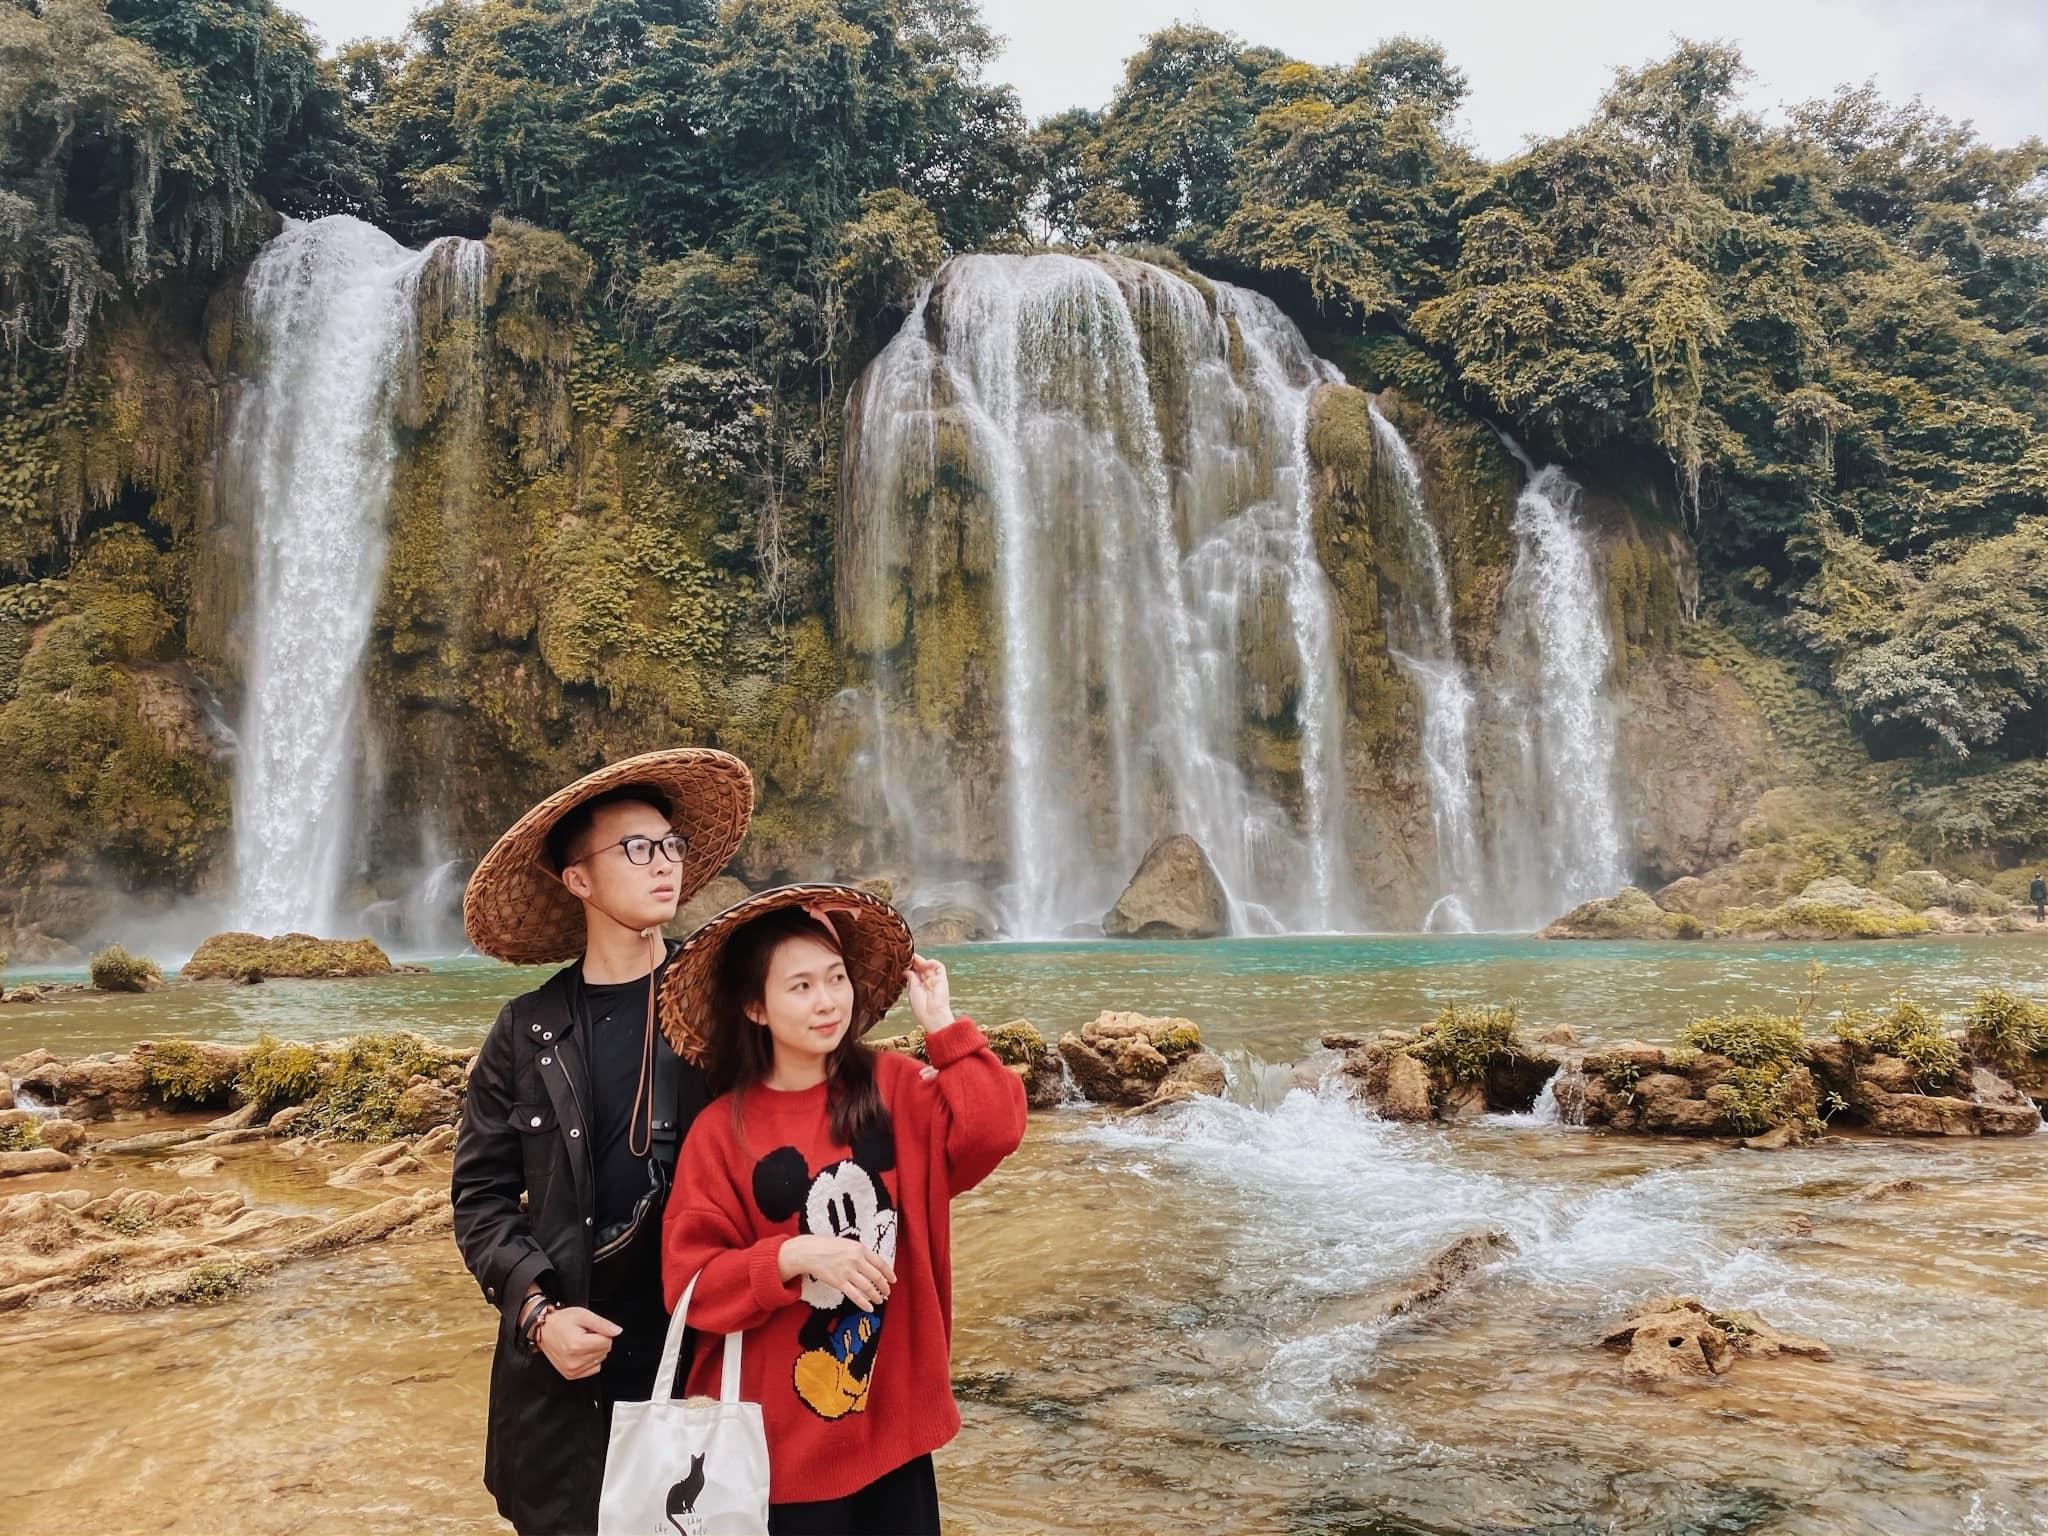 Cong-ty-du-lich-chuyen-tour-dong-bac-vietmountain-travel